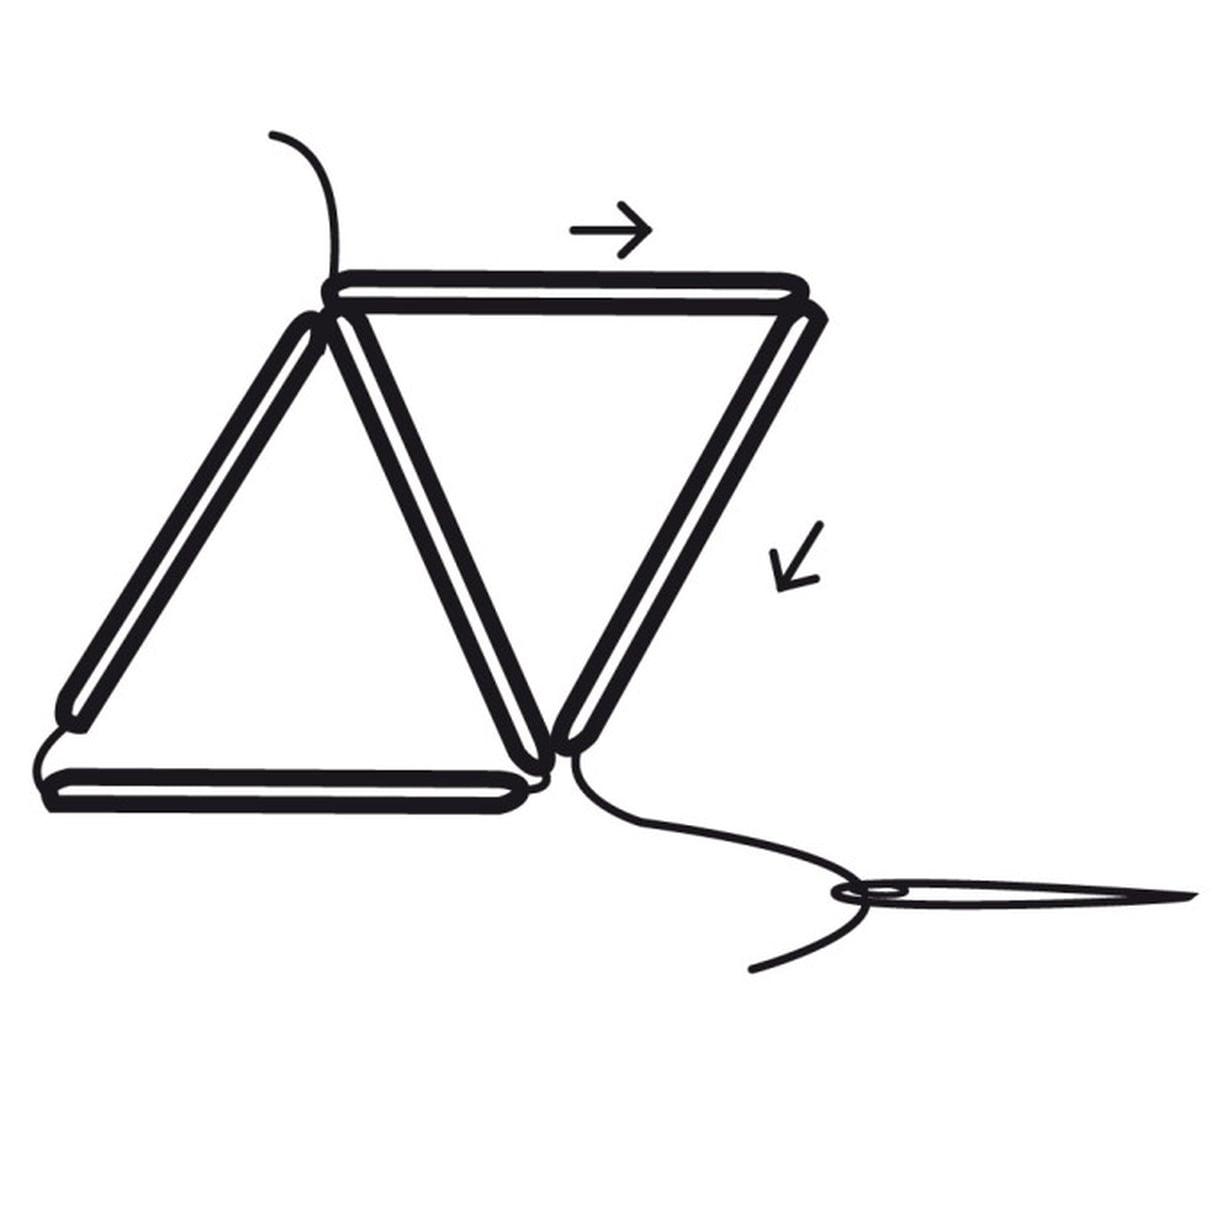 Pujota lankaan kaksi pilliä, käännä kolmioksi ja kierrä lanka kaksi kertaa alanurkan ympäri.